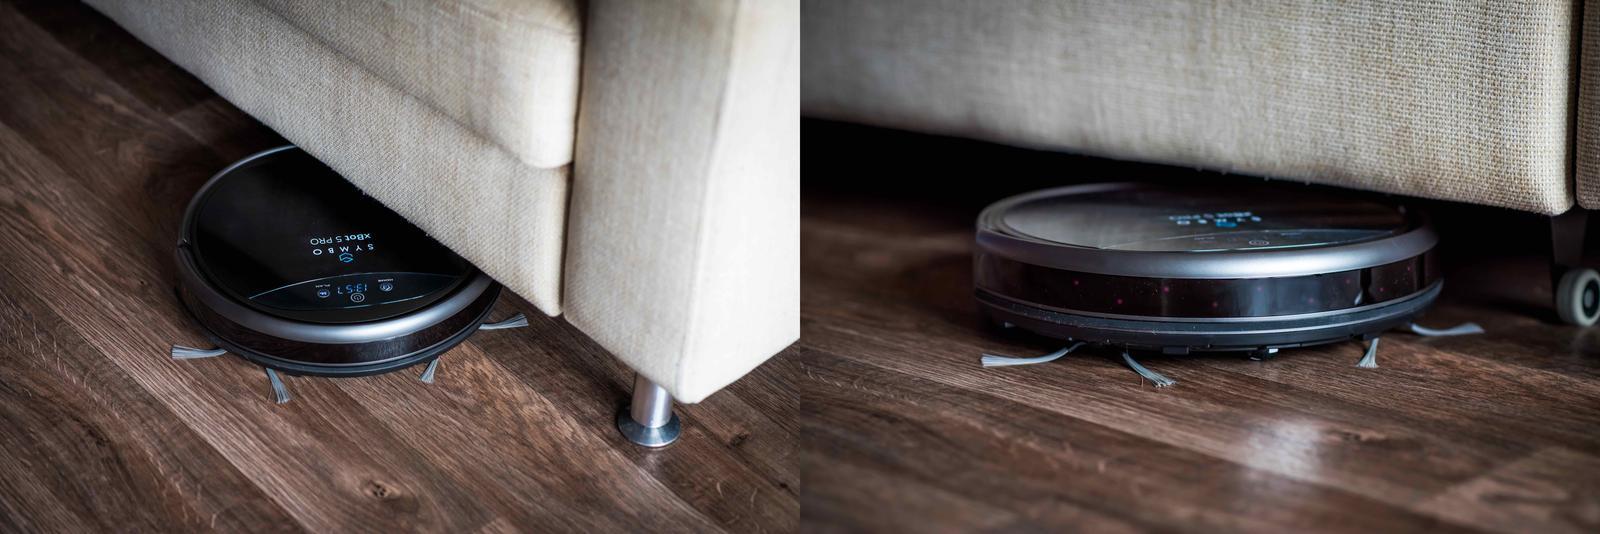 xBot furniture